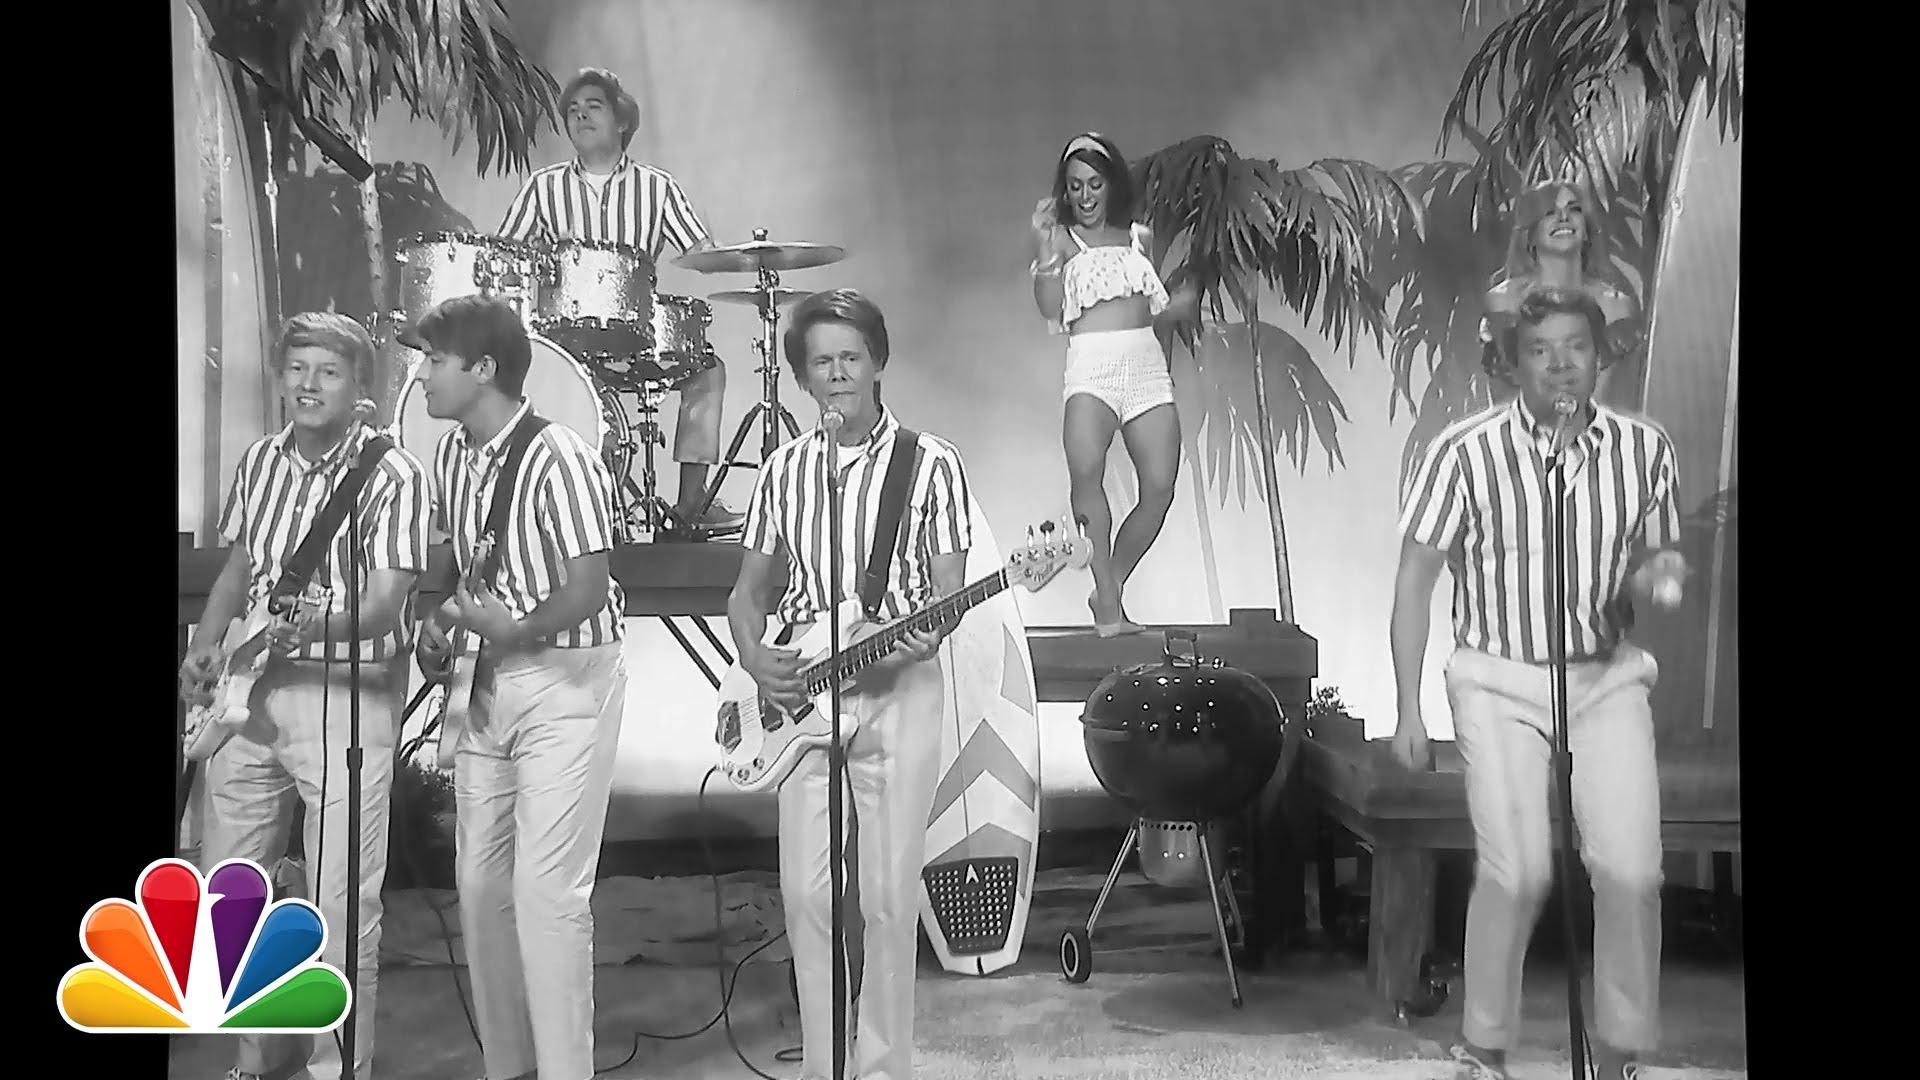 Fun Fun Fun Parody by The Beach BoyserrrJimmy Fallon and 1920x1080